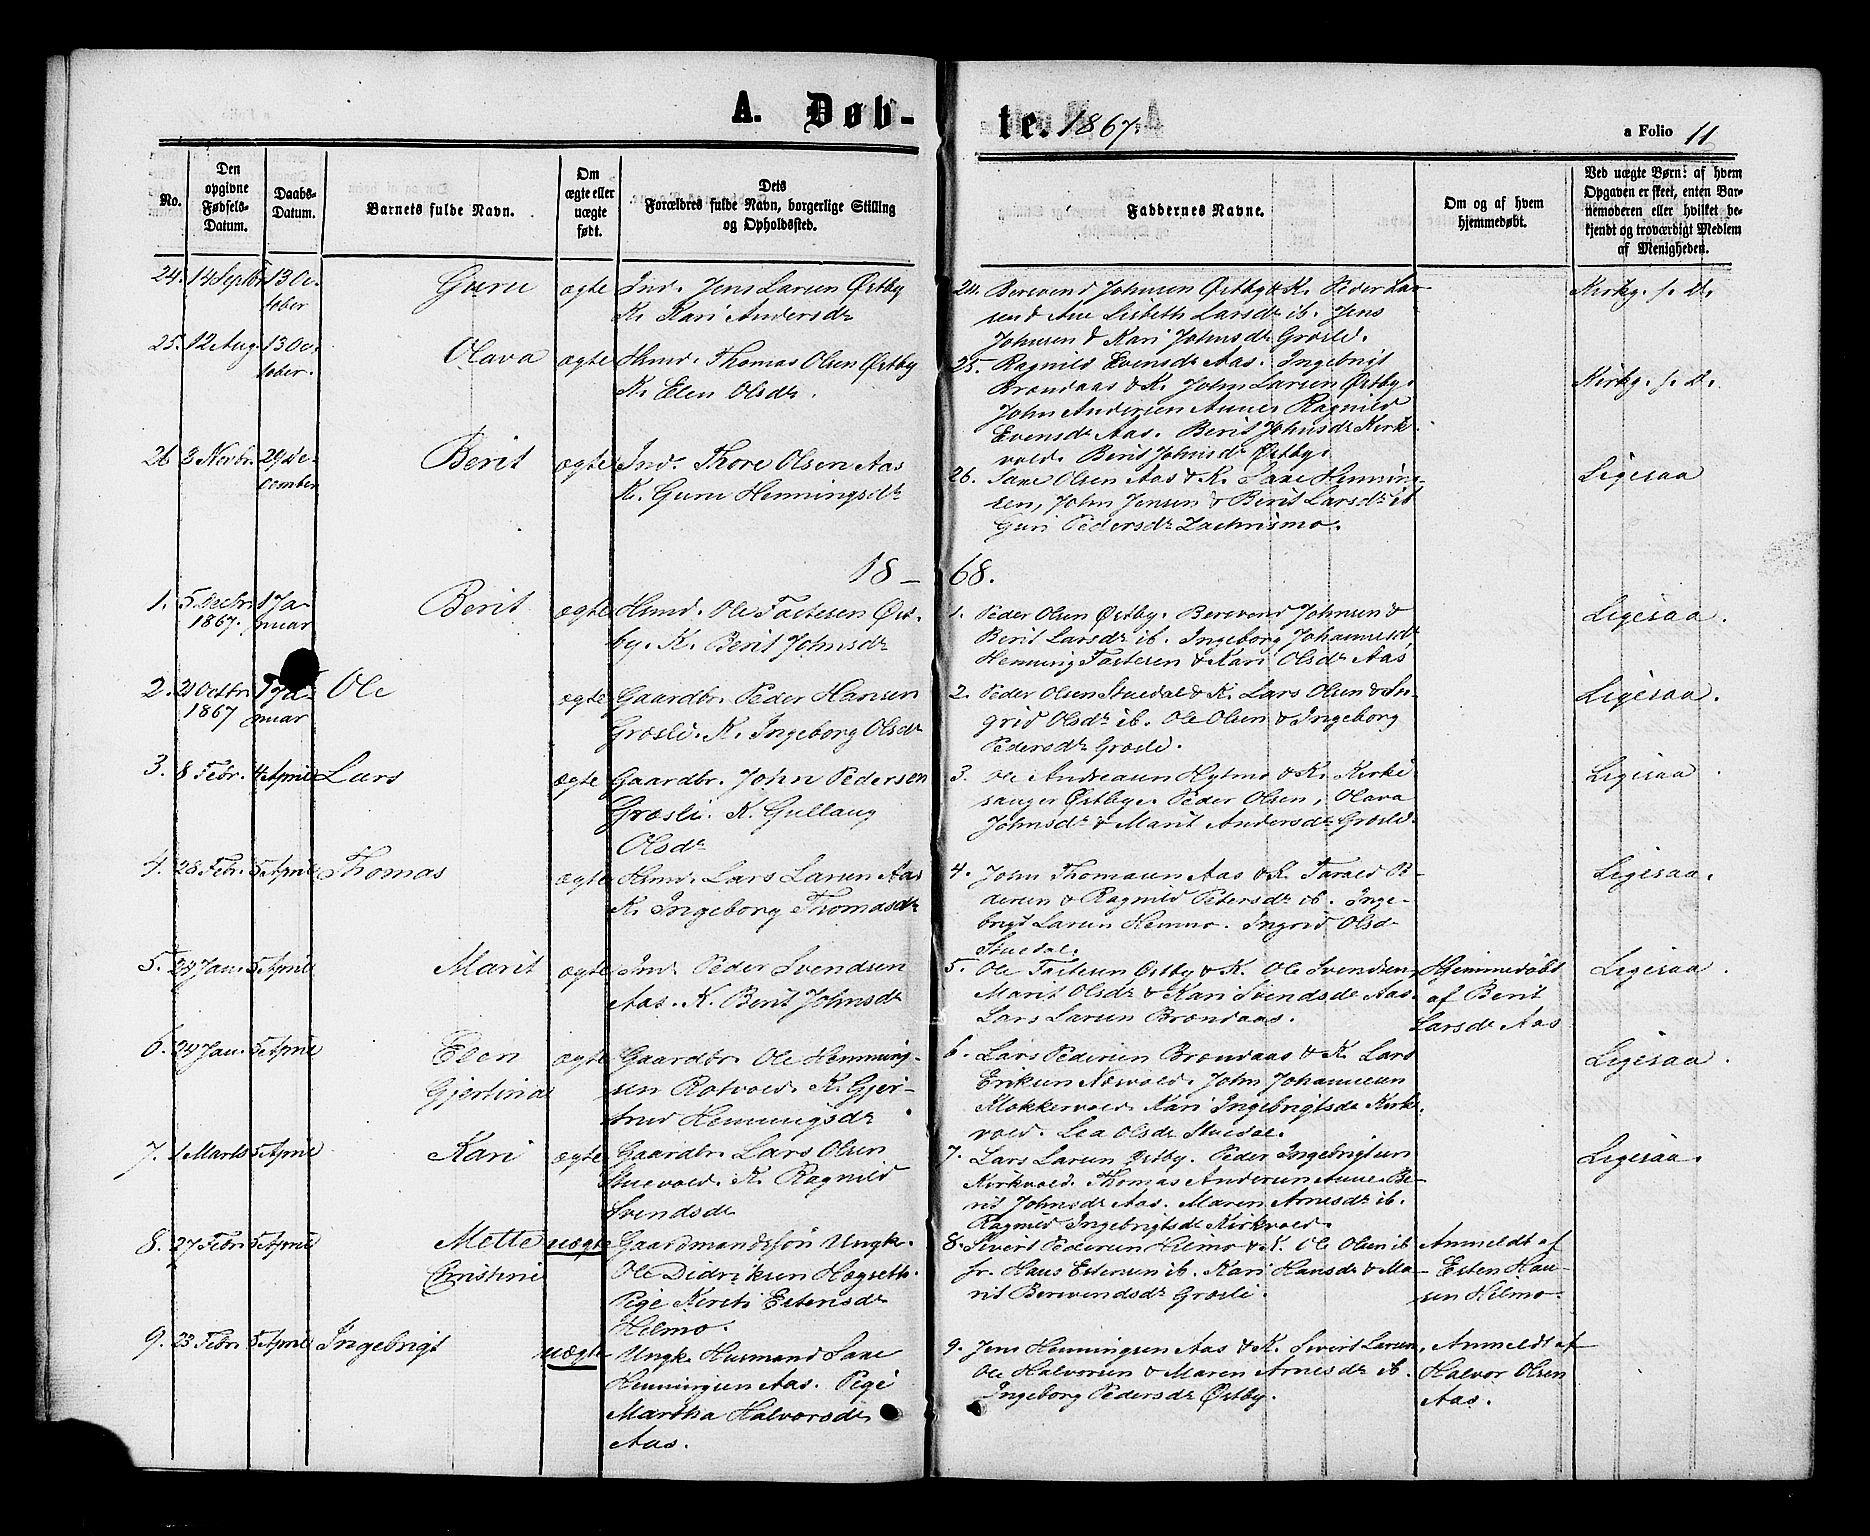 SAT, Ministerialprotokoller, klokkerbøker og fødselsregistre - Sør-Trøndelag, 698/L1163: Ministerialbok nr. 698A01, 1862-1887, s. 11